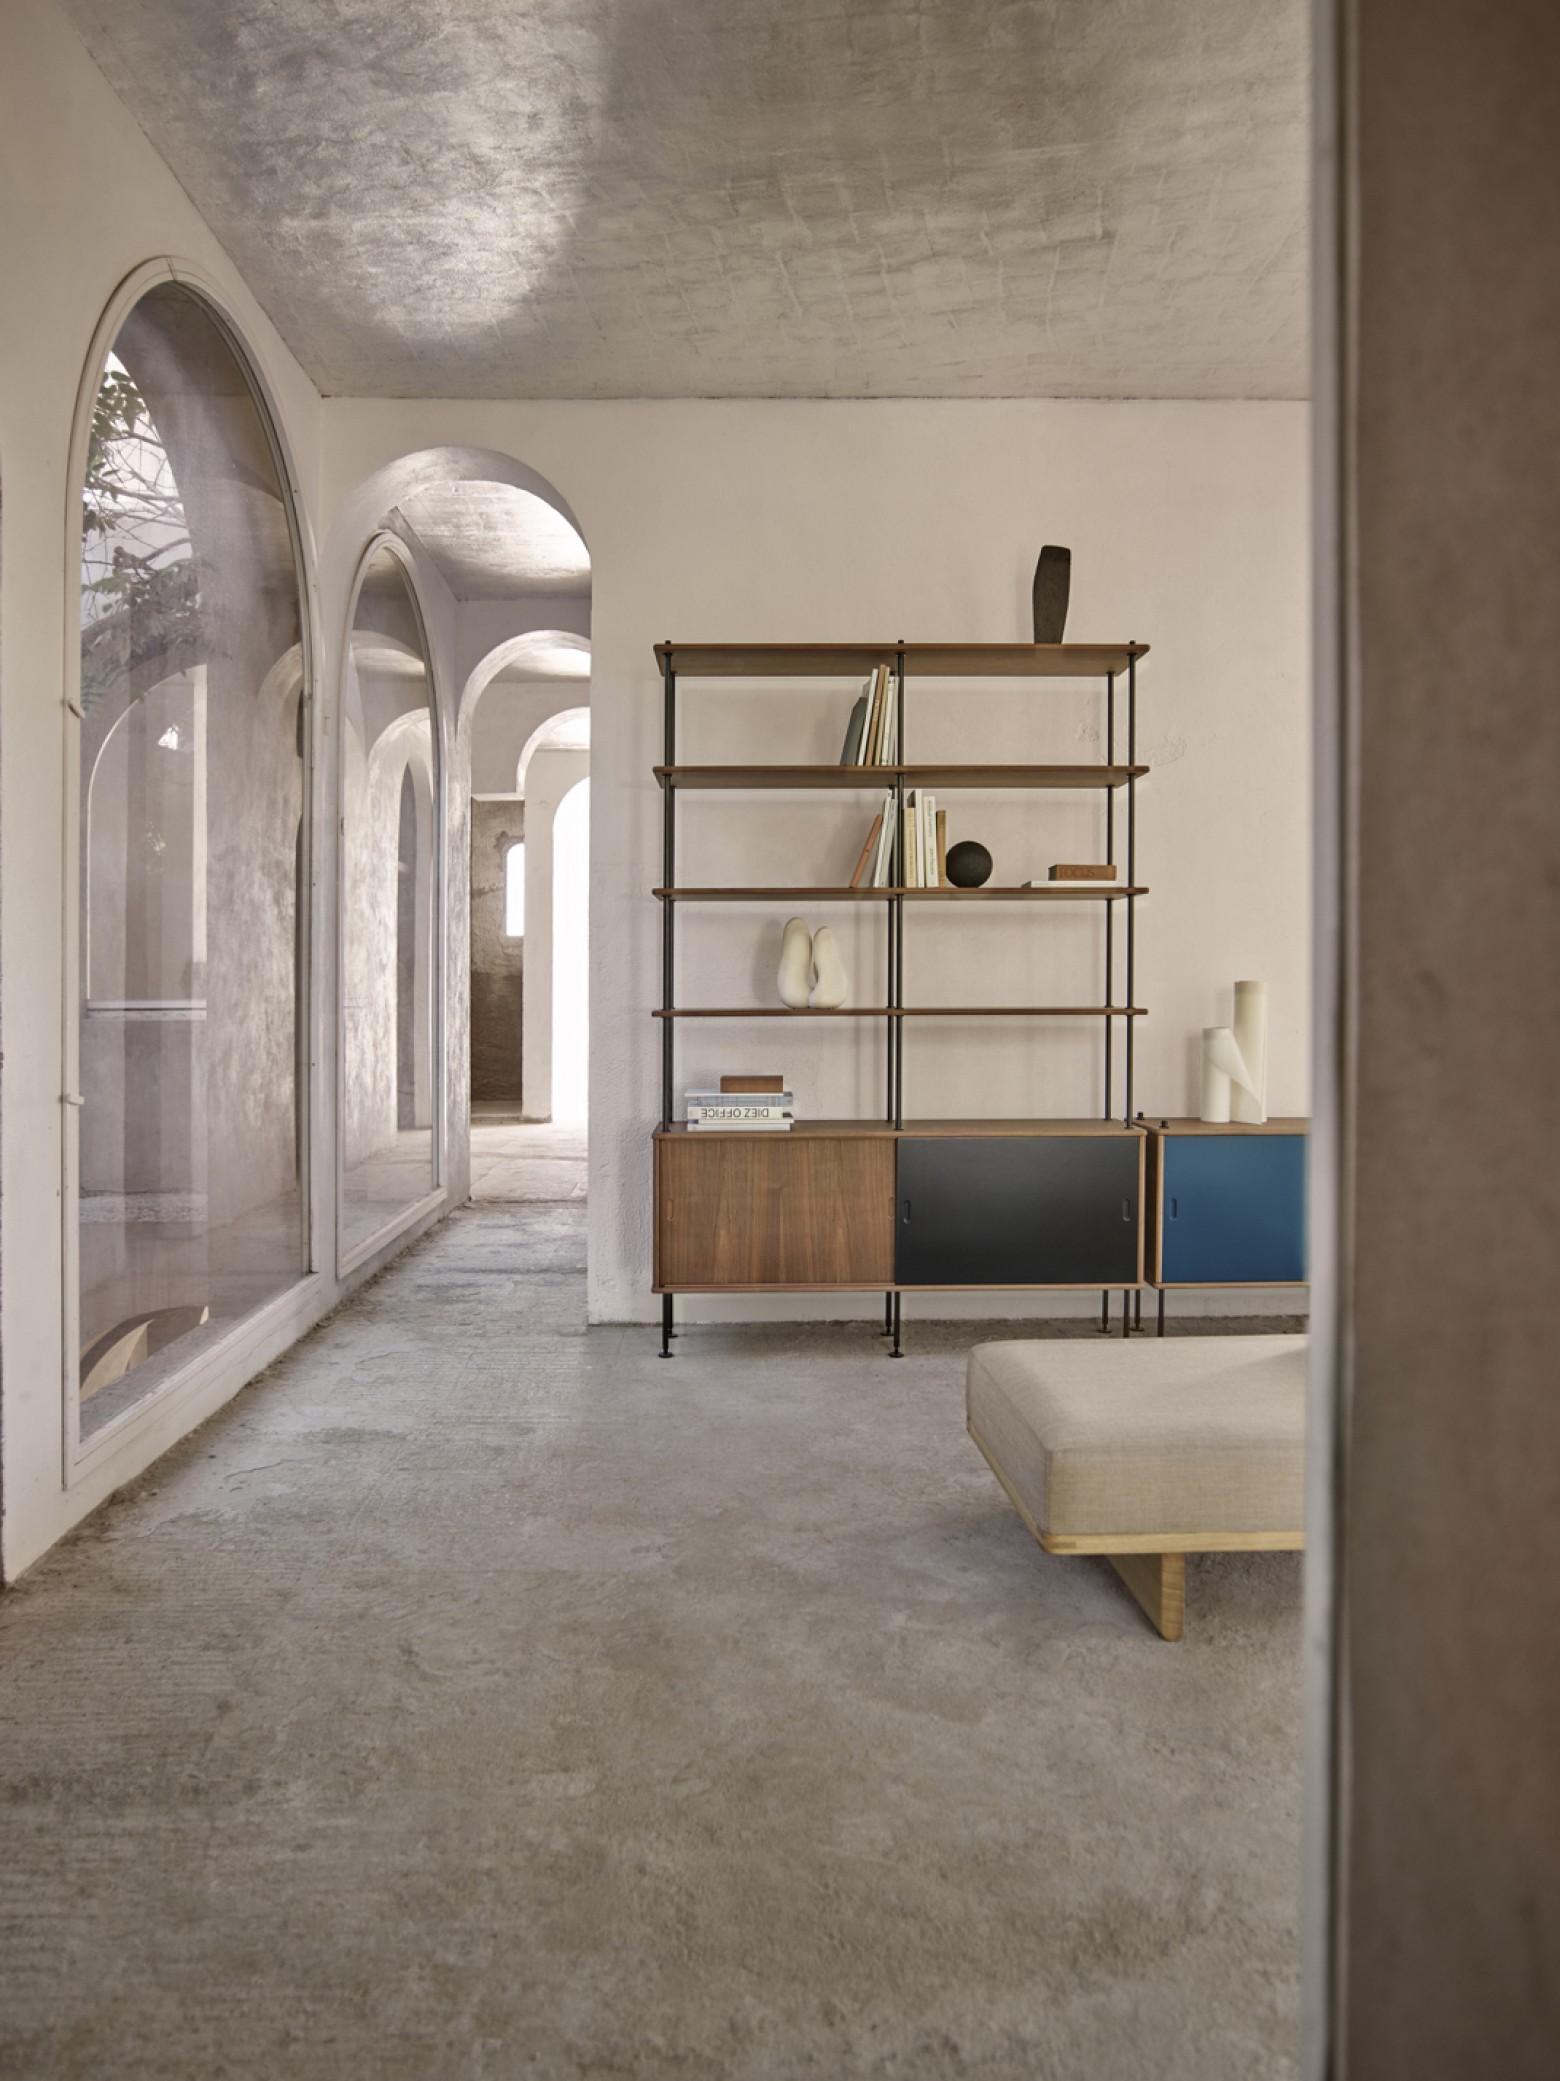 Système d'étagères durable et intemporel de Borge Mogensen, enfin en production Victors Design Agency